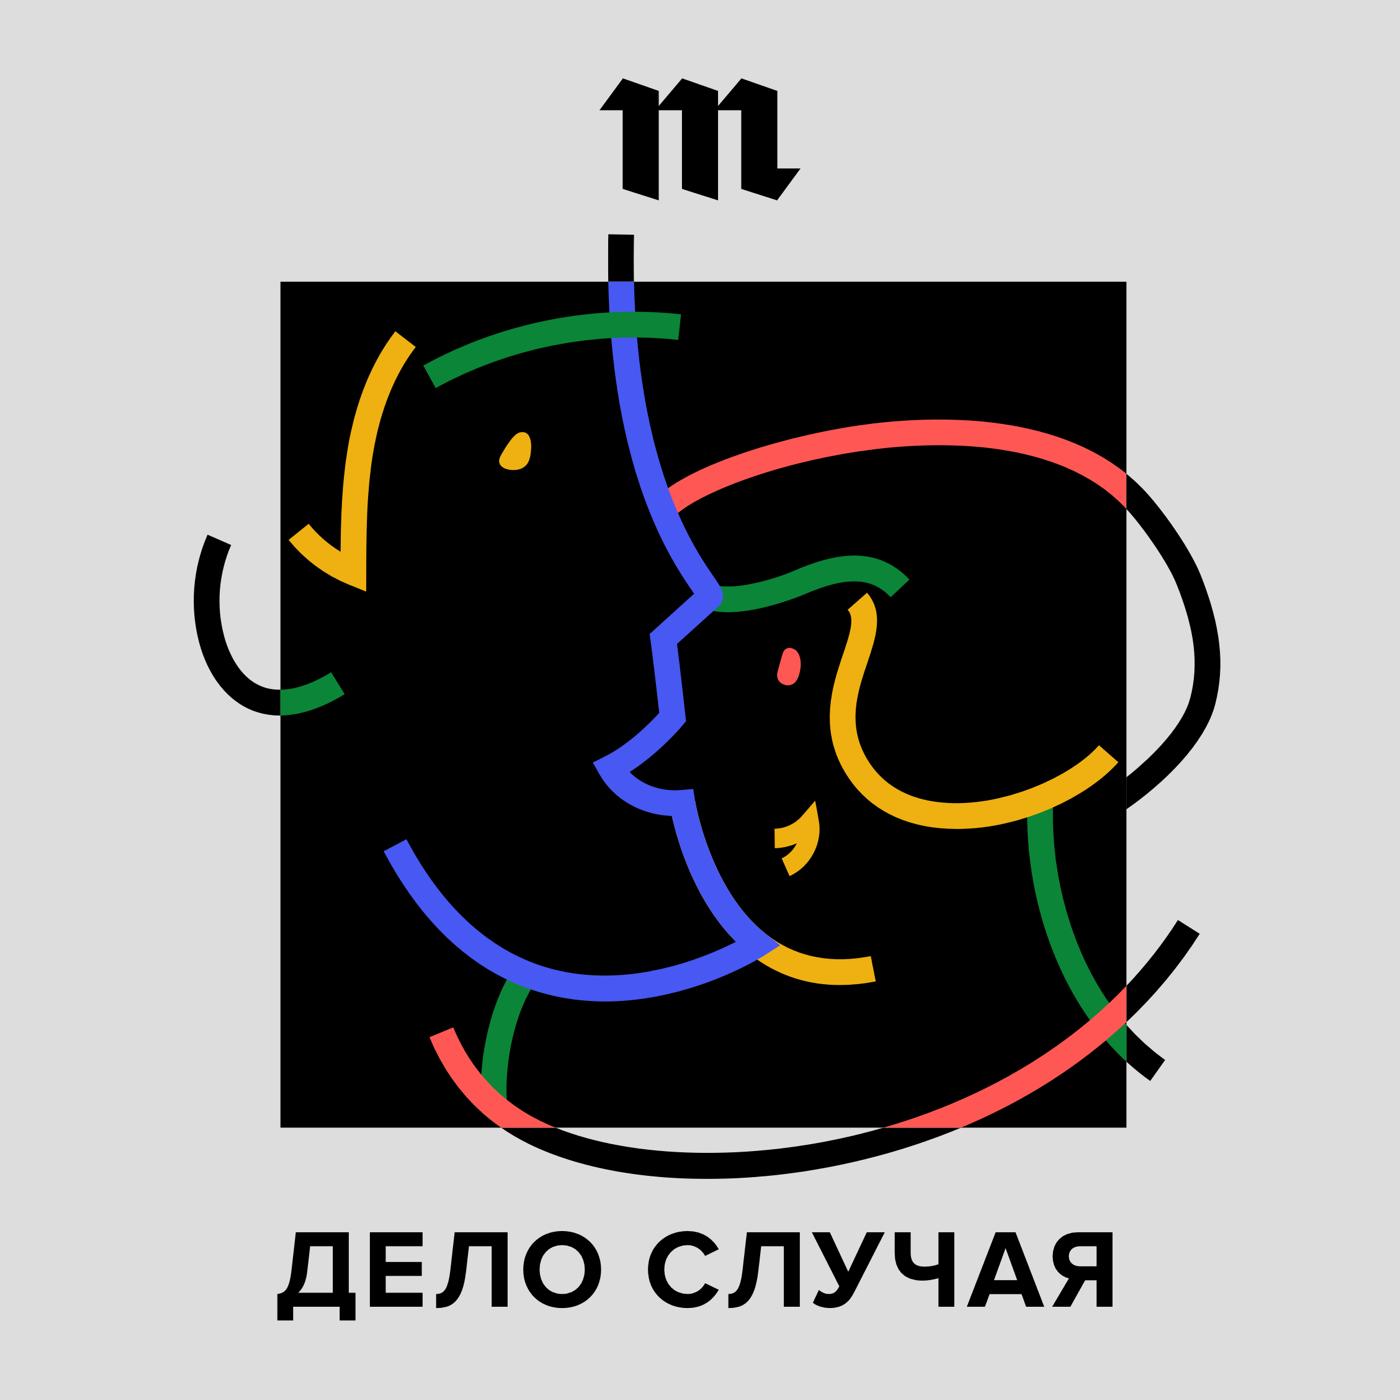 Андрей Бабицкий Почему мы сочувствуем роботам? Но не всем андрей бабицкий почему мы сочувствуем роботам но не всем